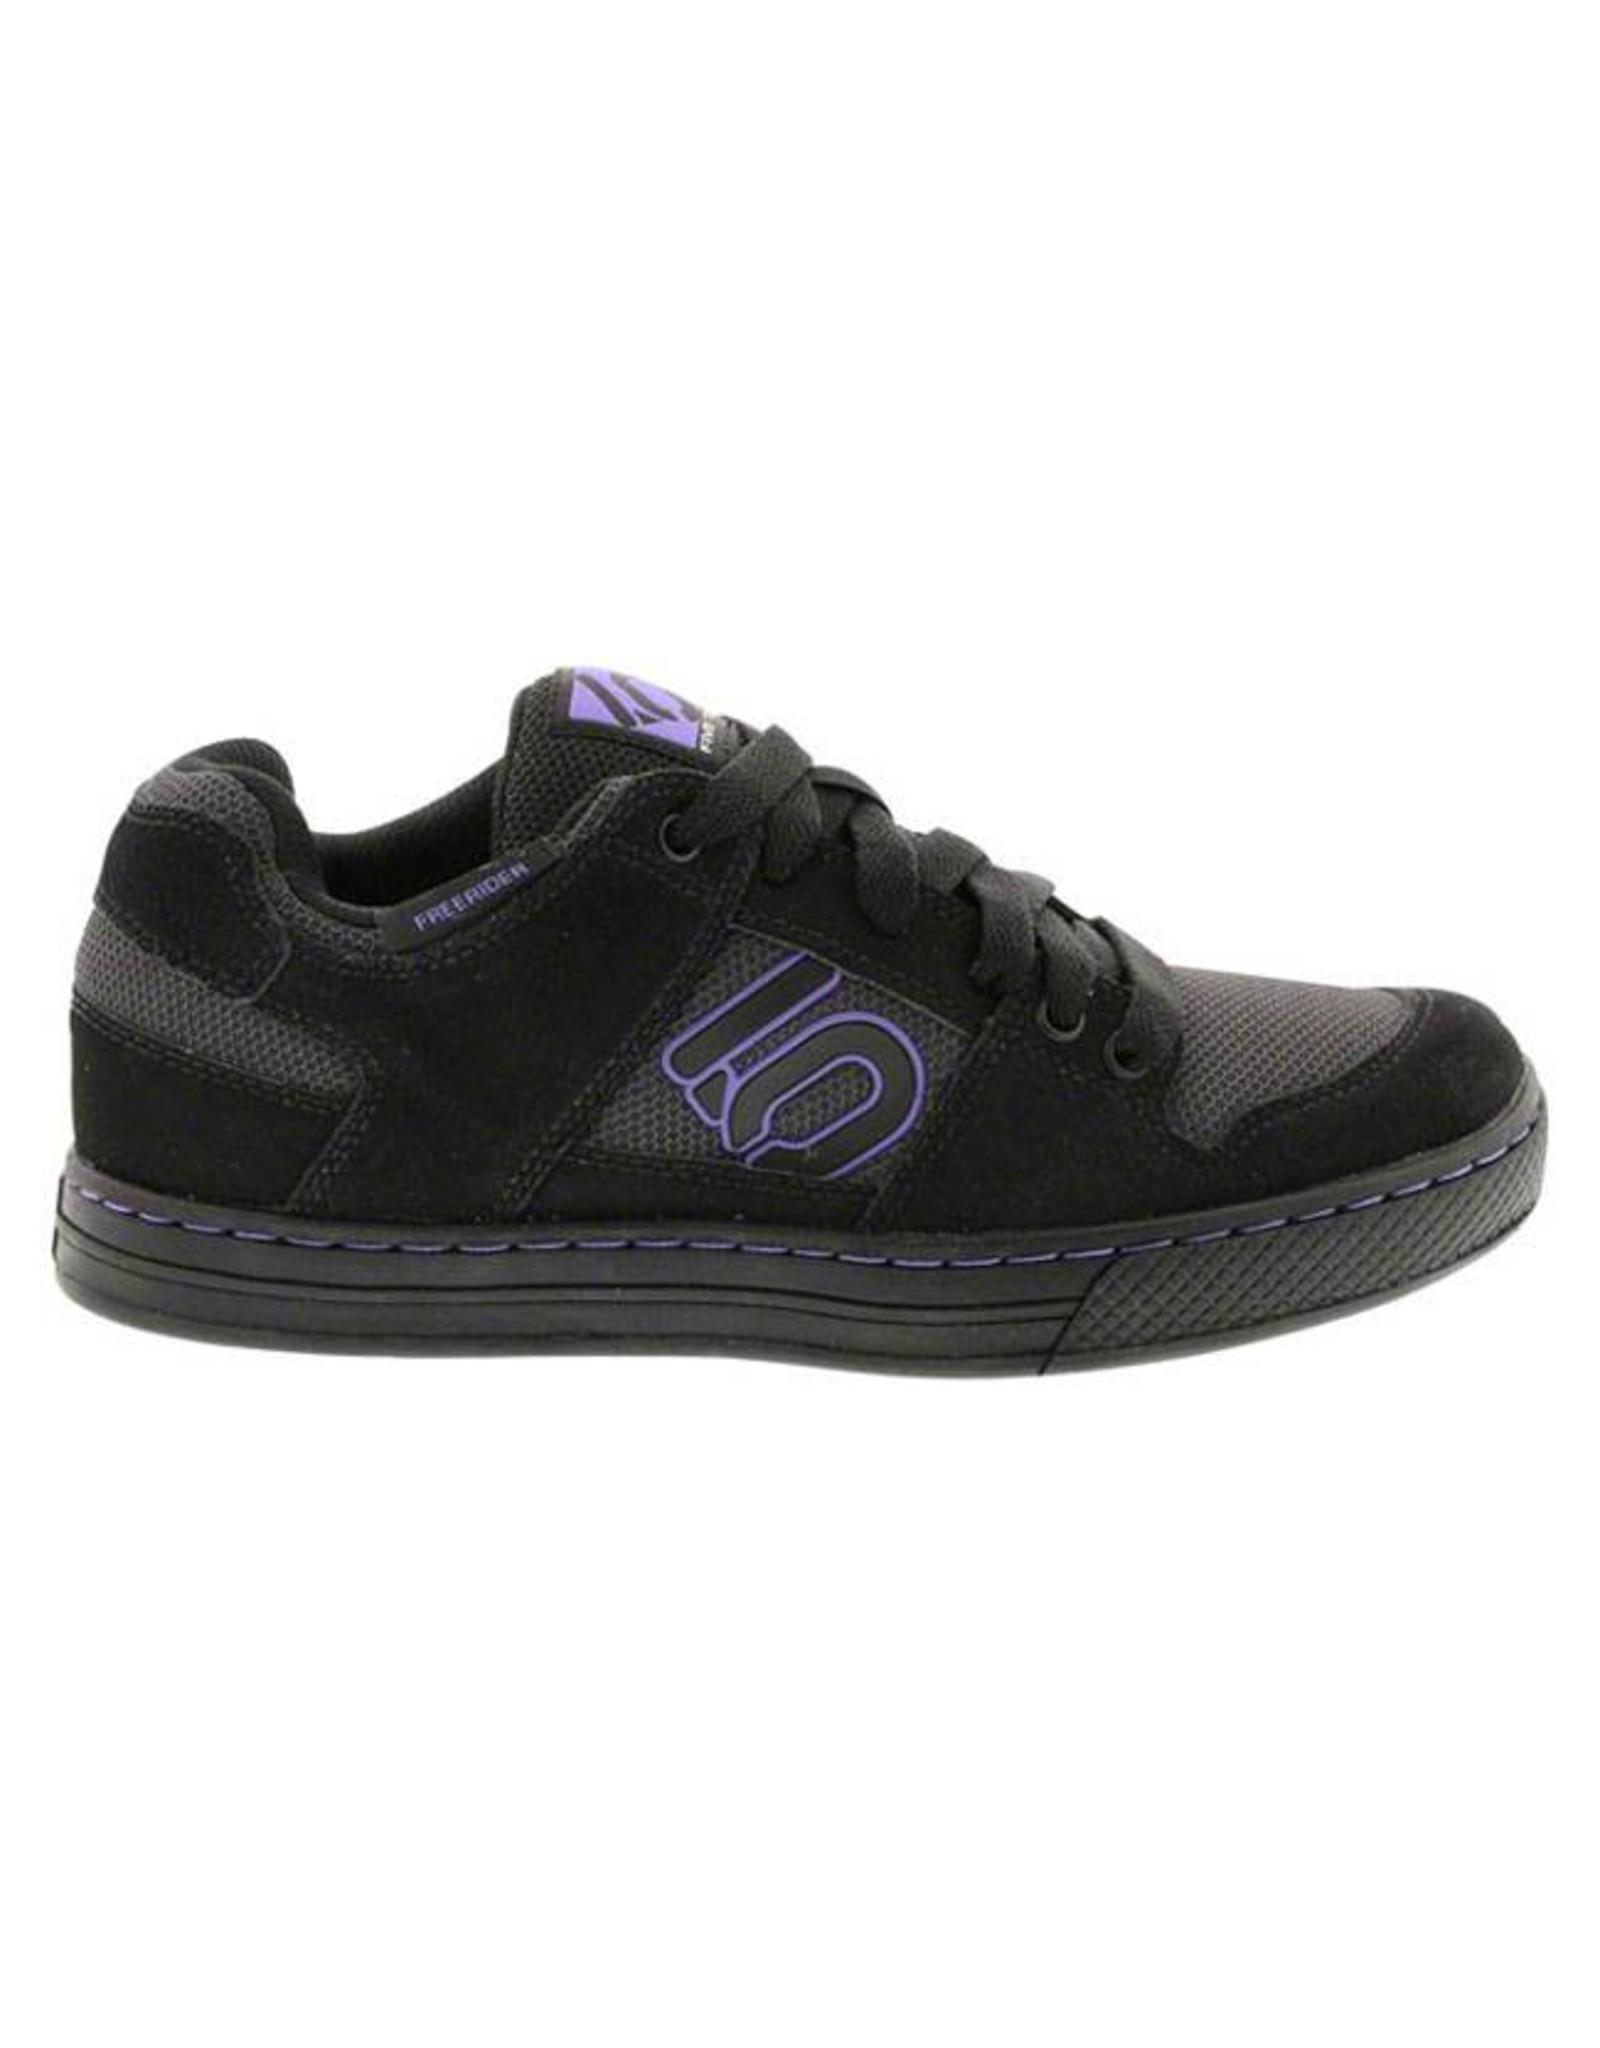 Five Ten Five Ten Freerider Women's Flat Pedal Shoe: Black/Purple 11